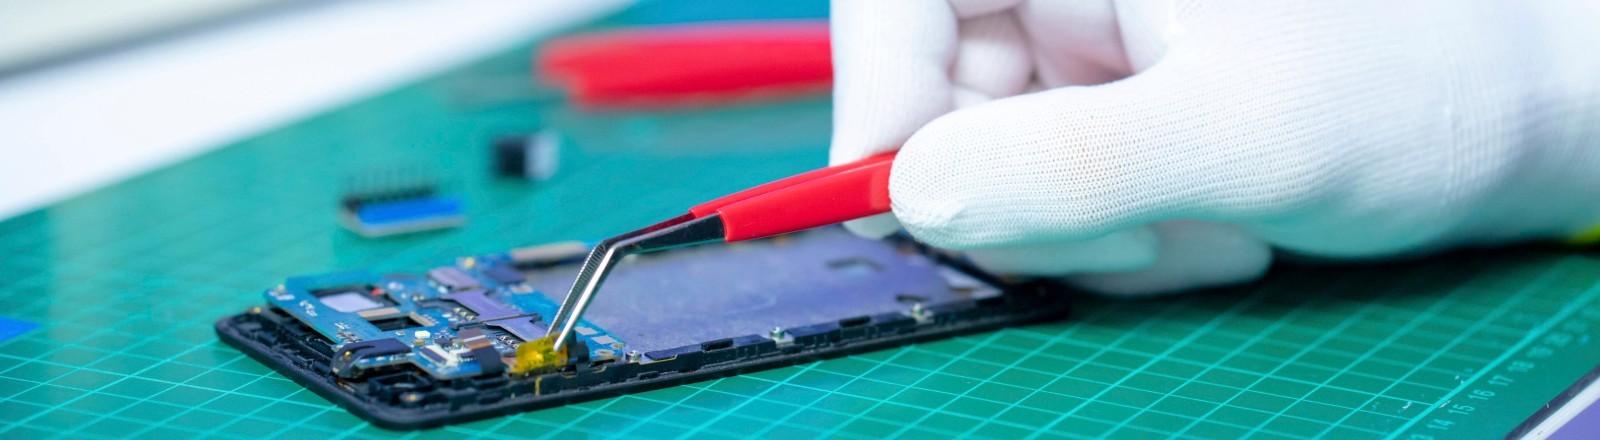 Eine Hand mit weißem Handschuh repariert ein Smartphone